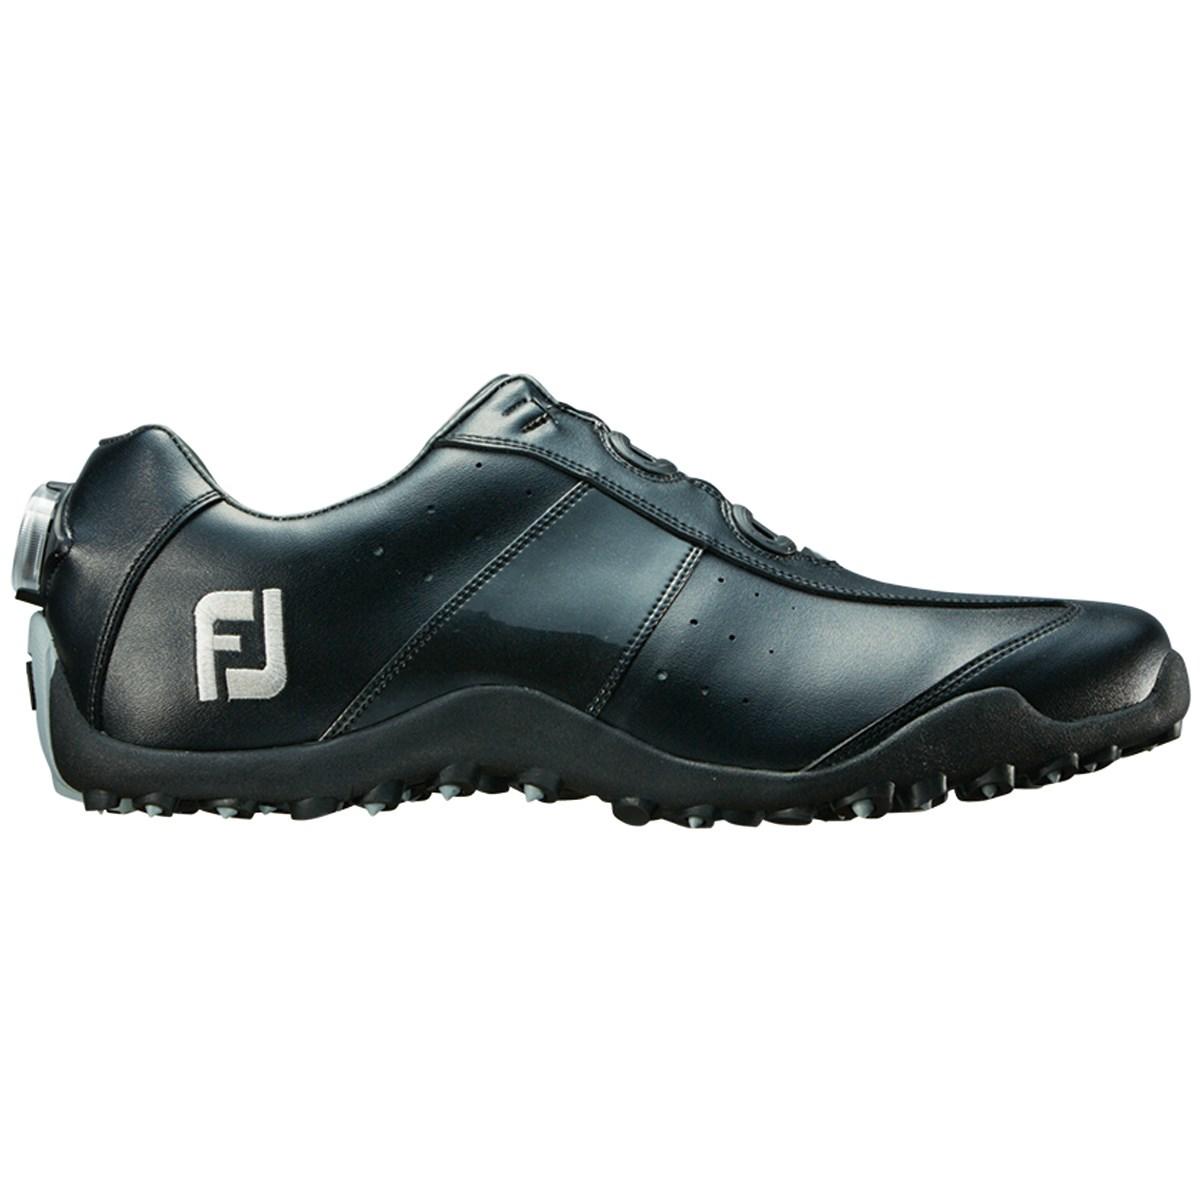 フットジョイ Foot Joy EXL SL Boa シューズ [ゴルフ シューズ 靴 ゴルフシューズ メンズ 即納 あす楽]